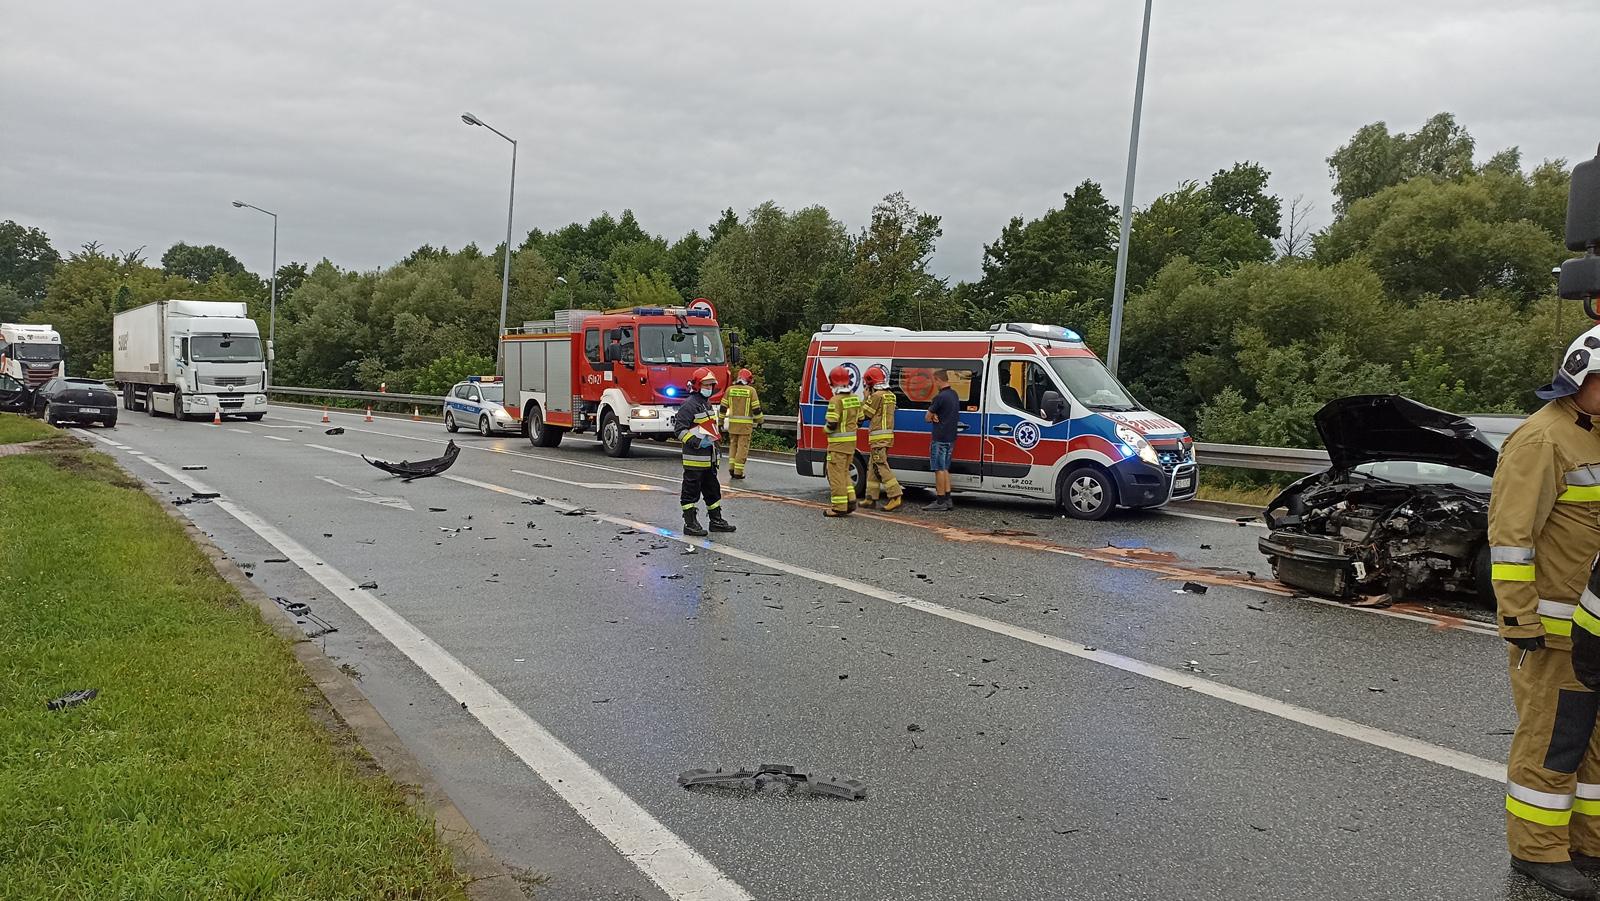 Wypadek w Widełce na trasie relacji Kolbuszowa - Rzeszów. Droga nr 9 była zablokowana [ZDJĘCIA - AKTUALIZACJA] - Zdjęcie główne